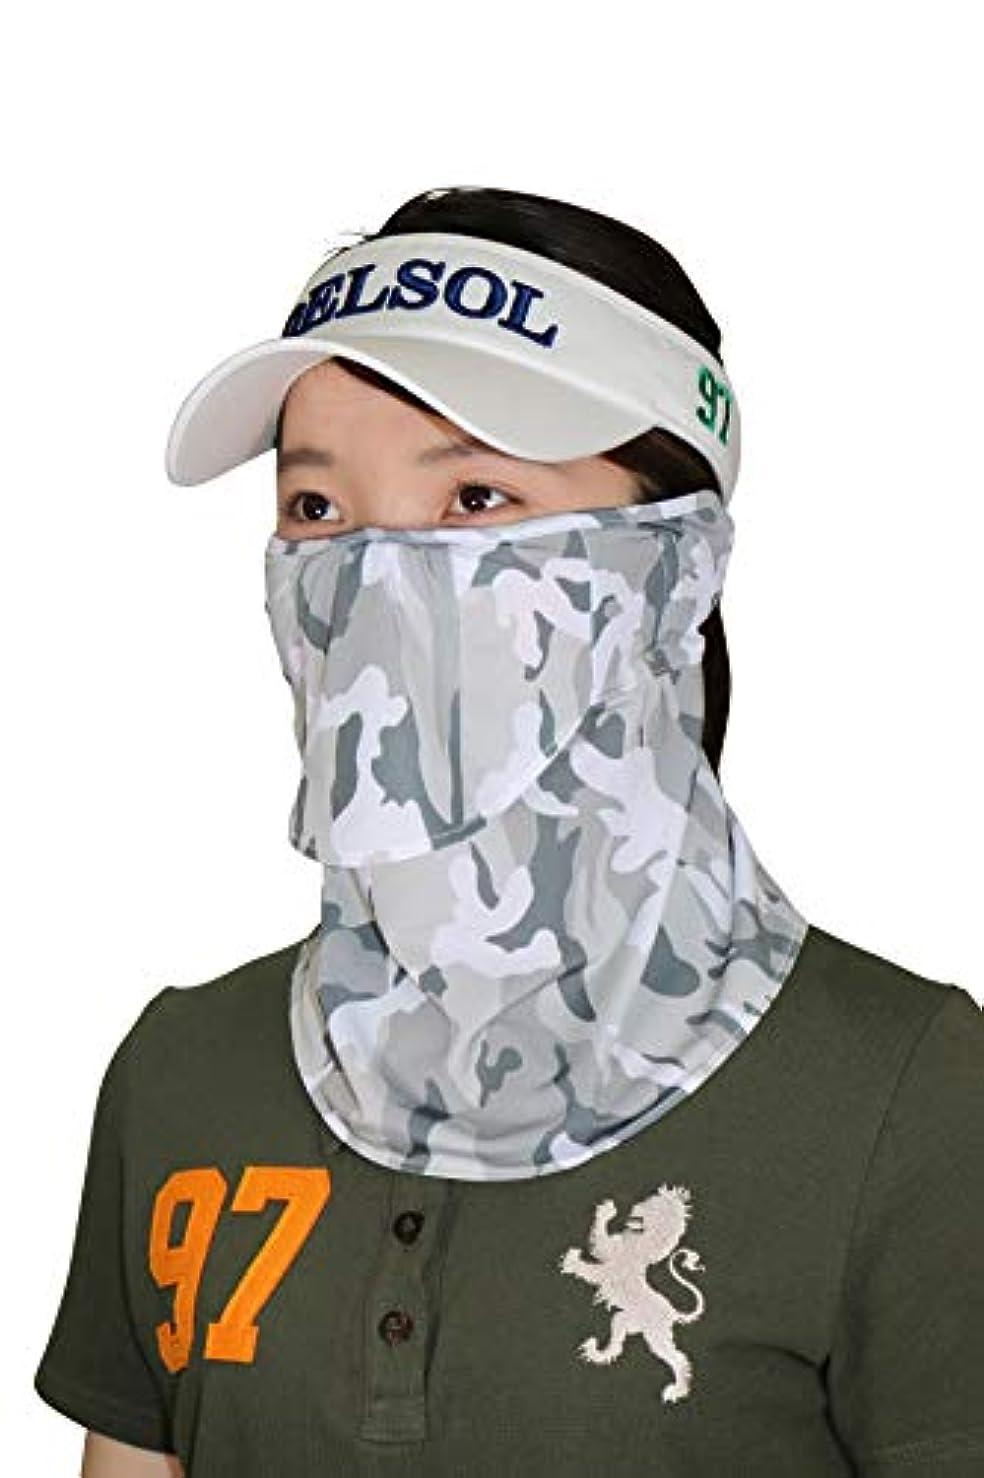 明るい援助するアルコーブ7506 I UVカットマスク カモフラ柄グレー 日焼け防止 UVカット デルソル フェイスカバー